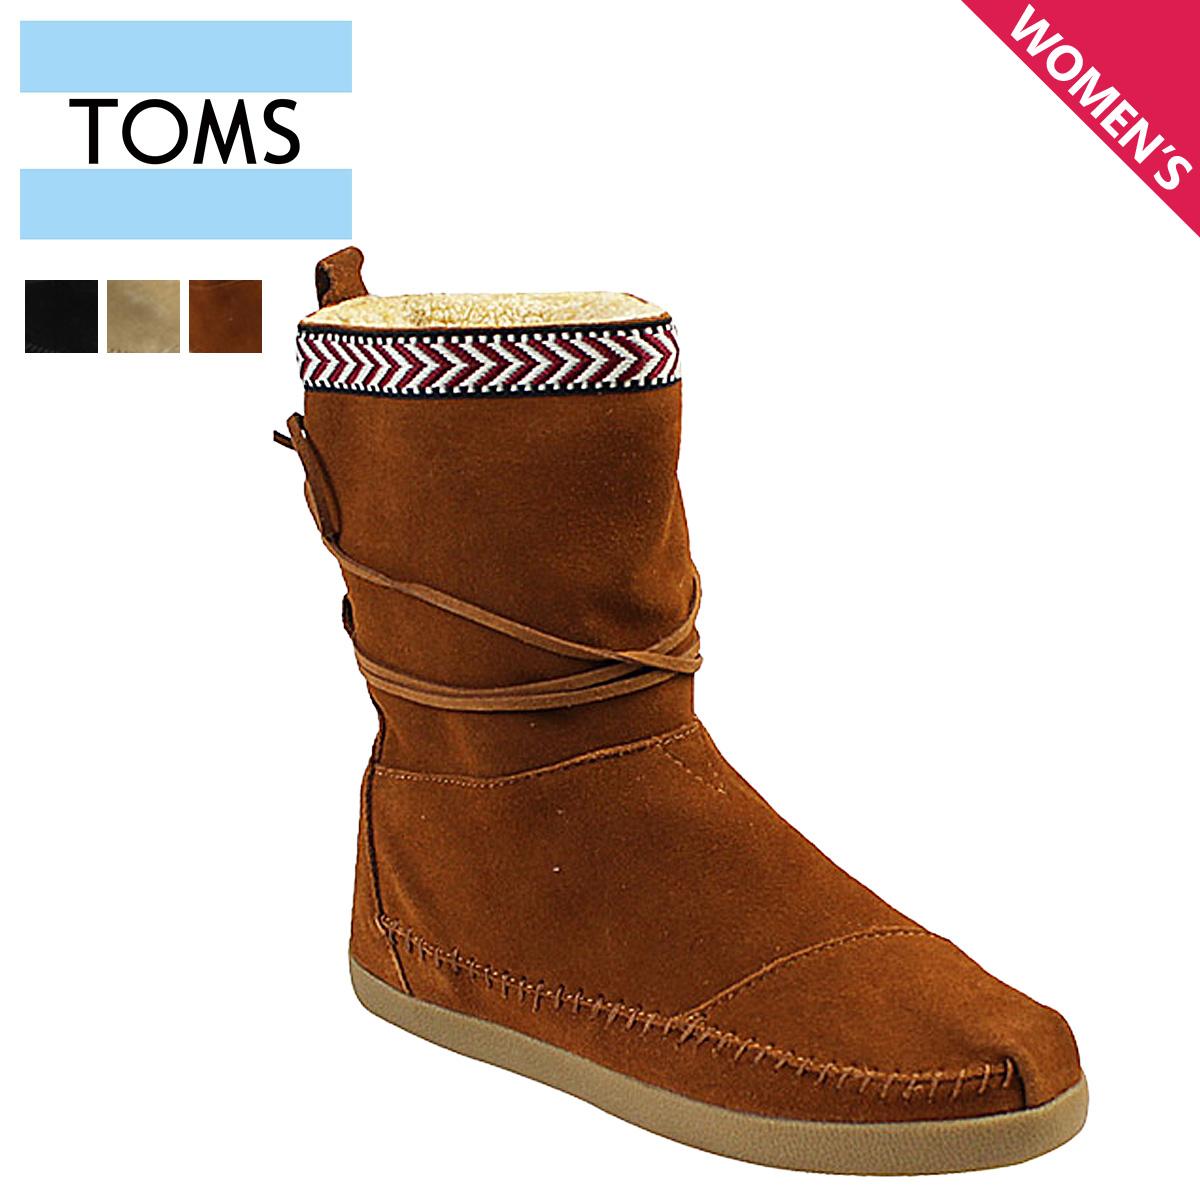 d03ec1b82f8 Sugar Online Shop  TOMS SHOES Toms shoes suede trim women s Nepal ...